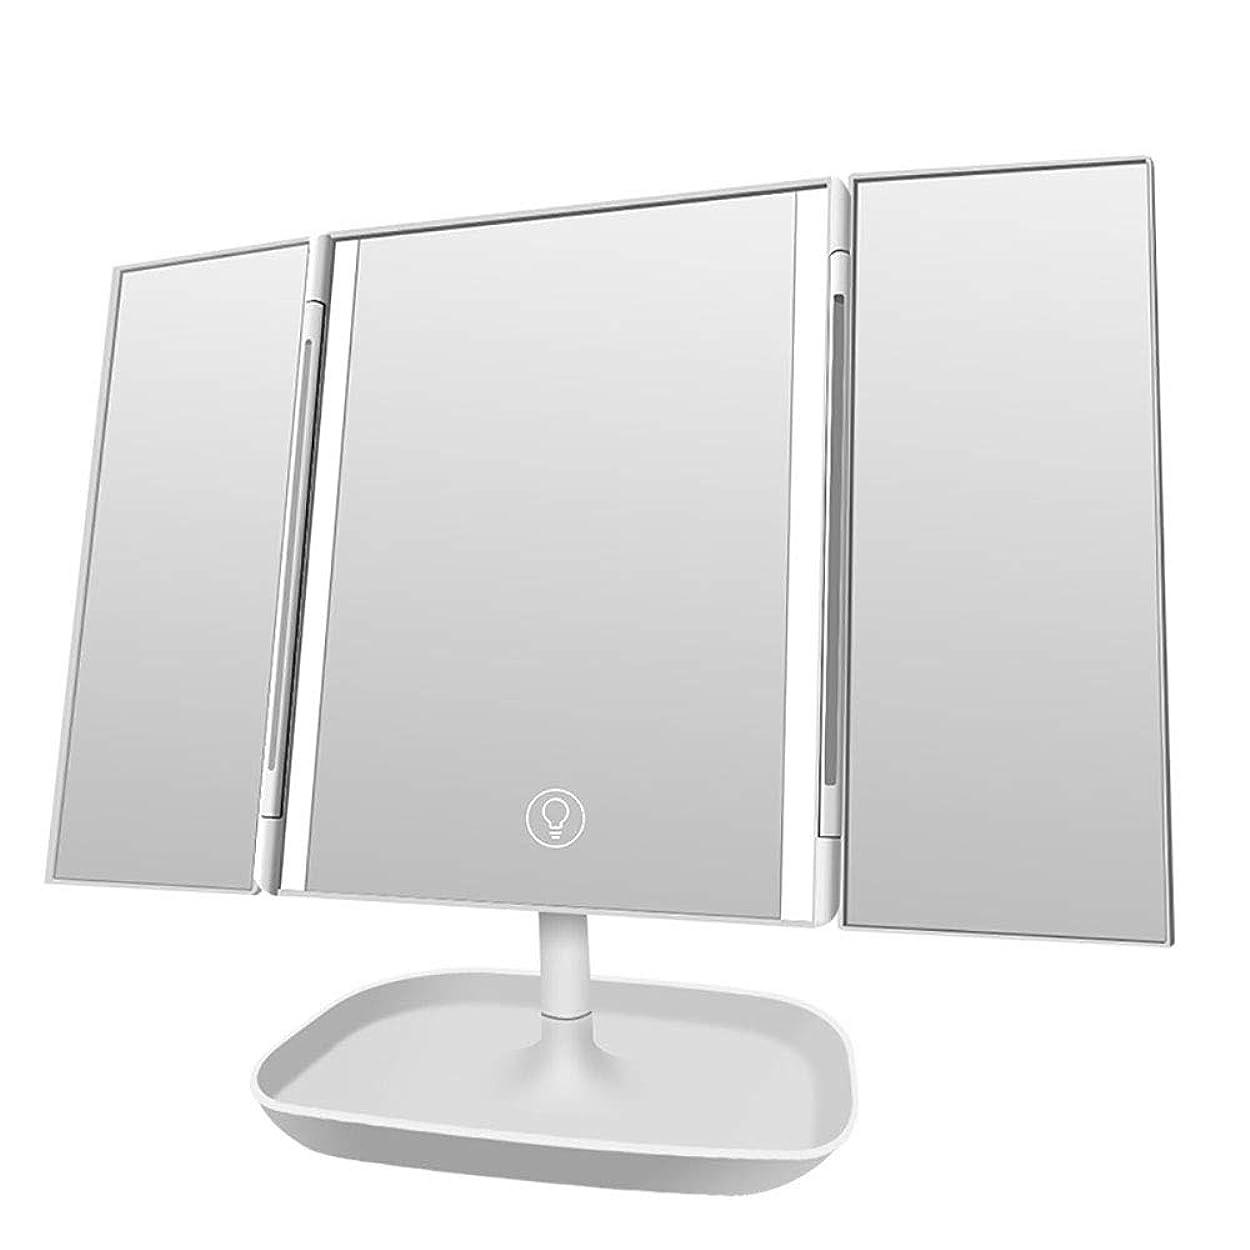 マオリ透過性単にFaltbarer Kosmetikspiegel、10倍の拡大鏡調光可能なタッチスクリーン卓上化粧鏡180°回転USB充電または女性用バッテリー駆動の拡大鏡